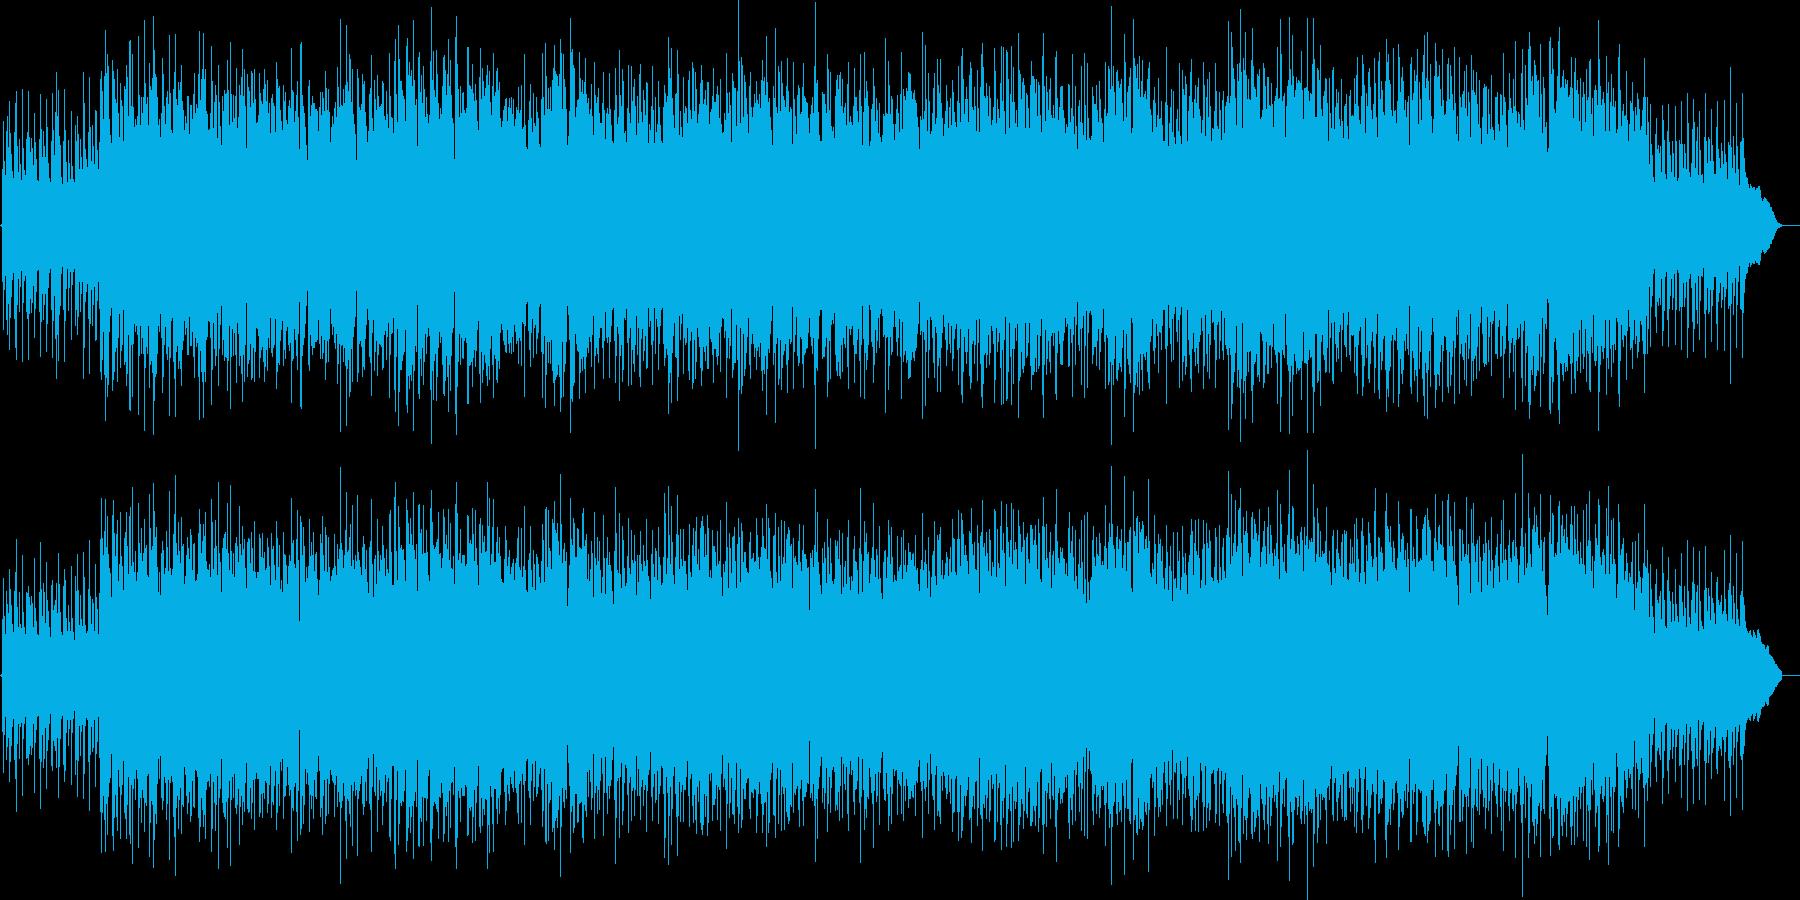 シューティング 戦闘曲 SKY HIGHの再生済みの波形